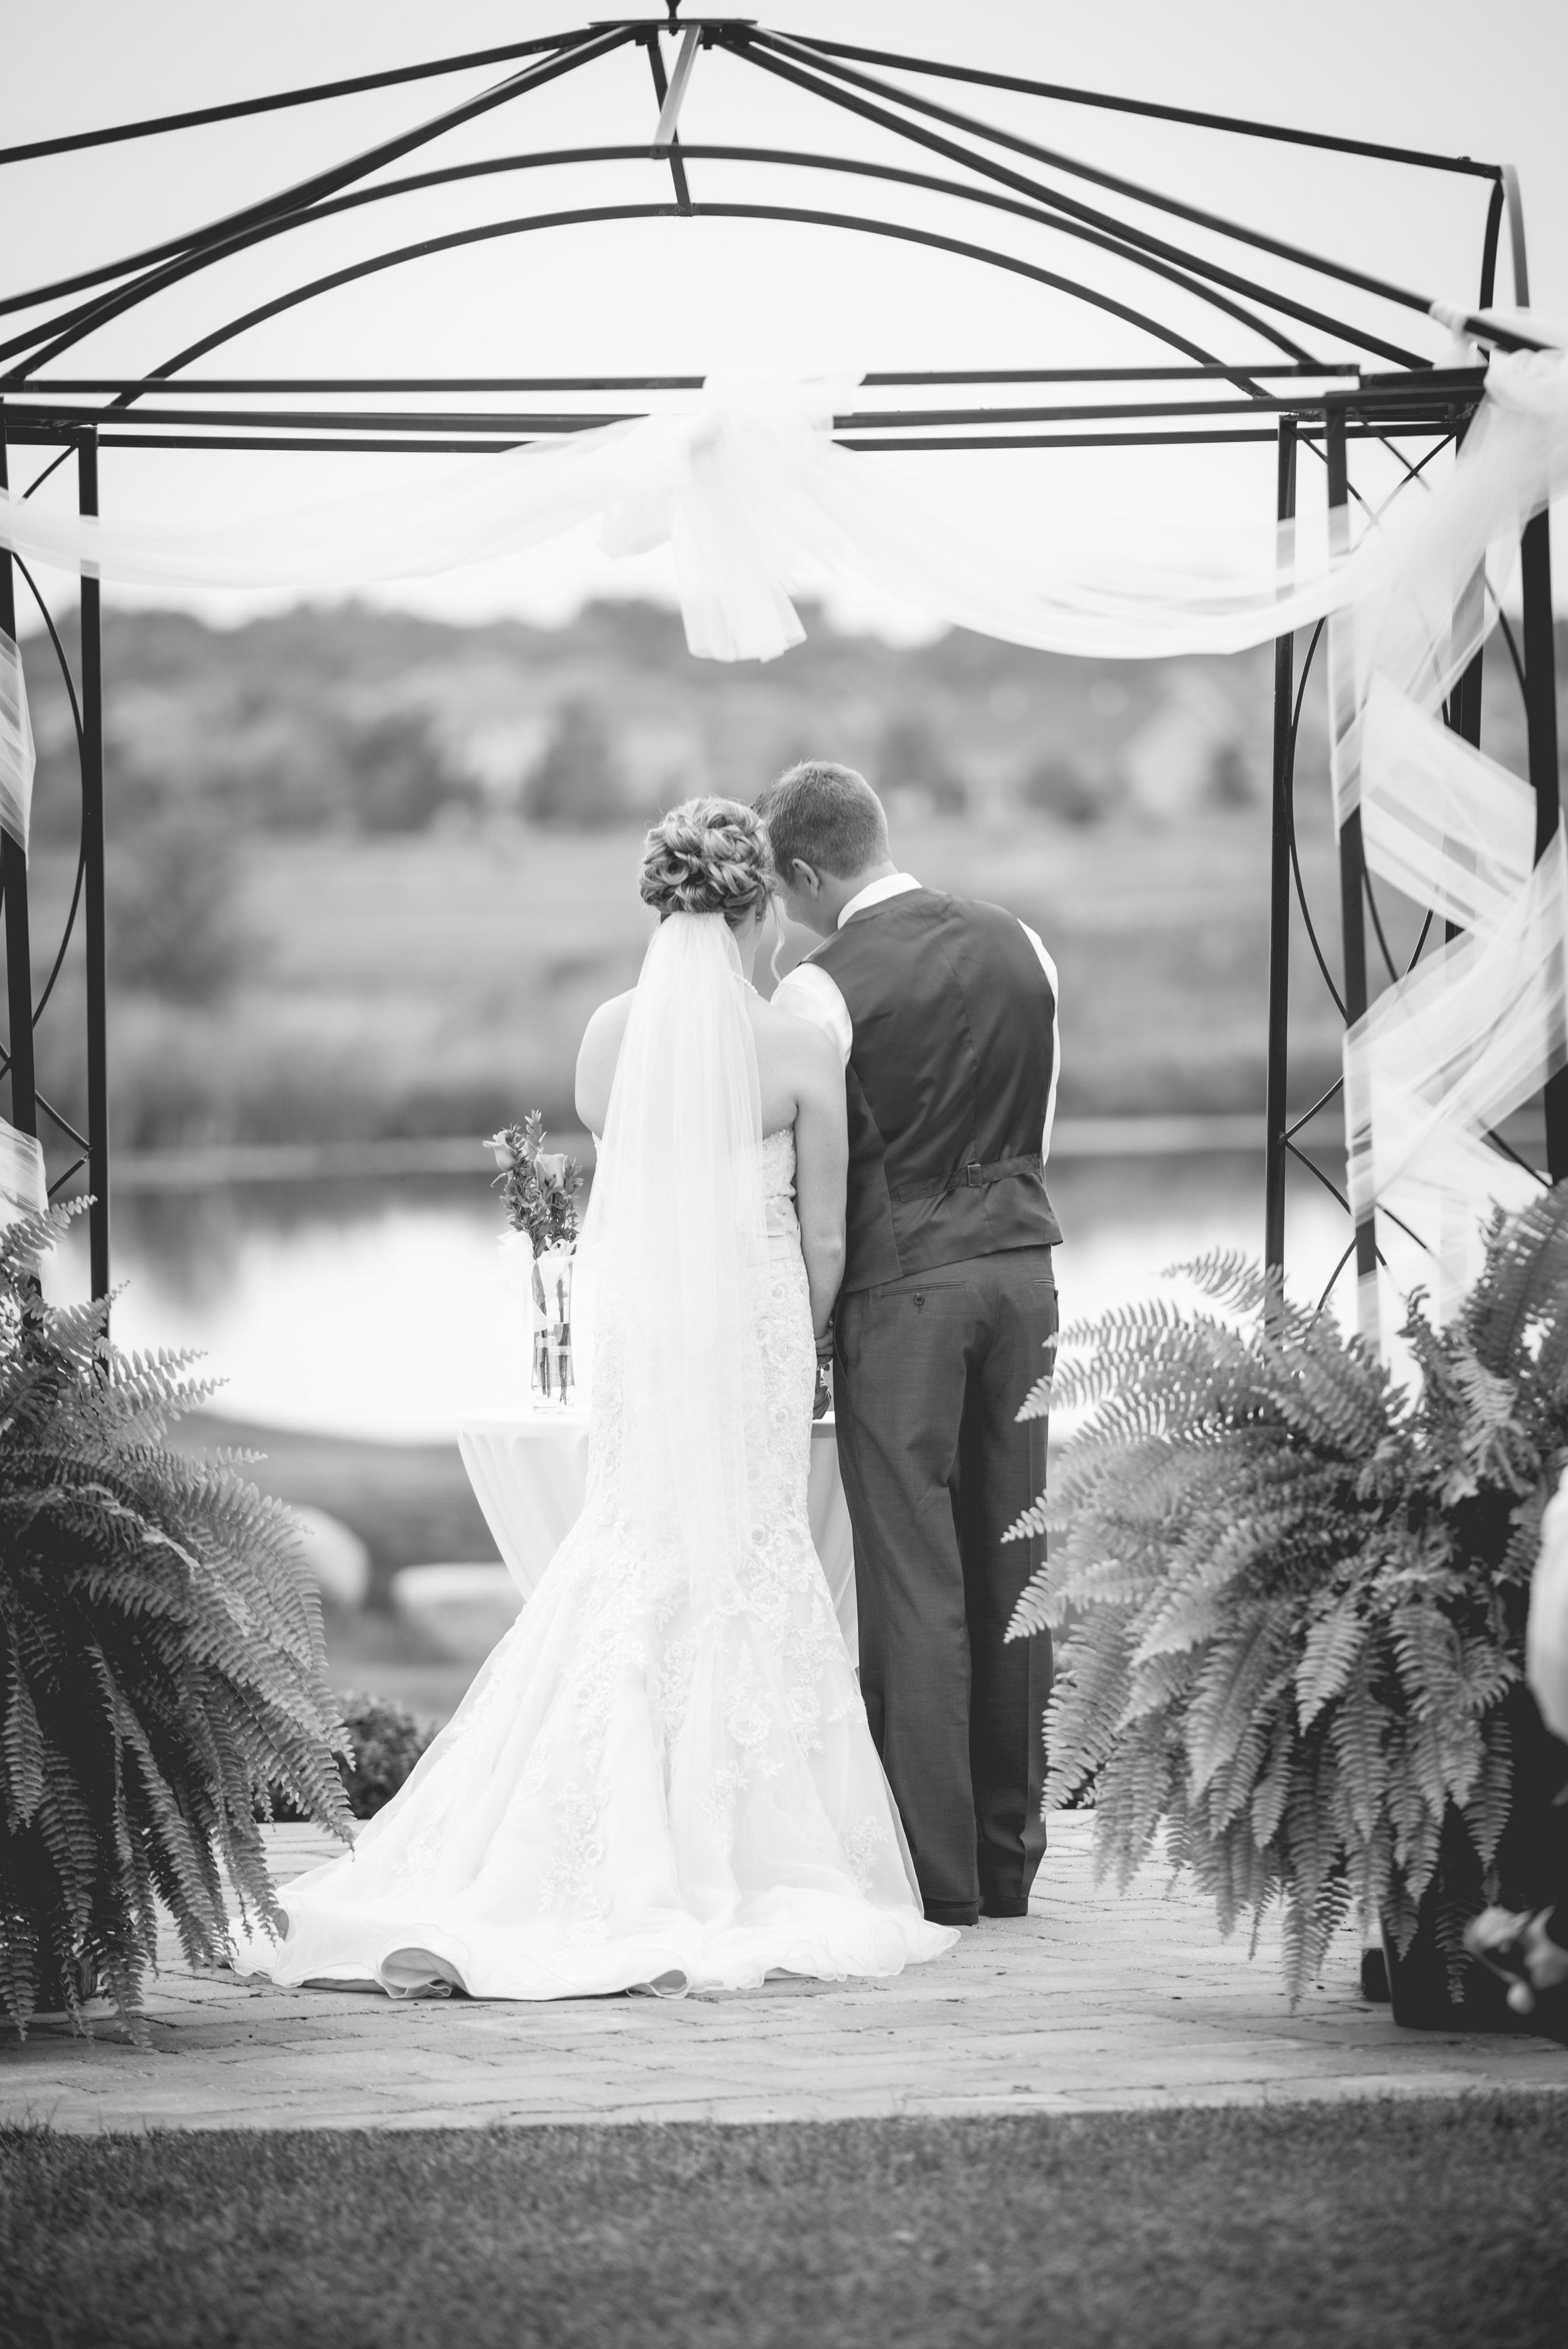 sarasutterphotography_wedding_drewanderin_2015-1012.jpg